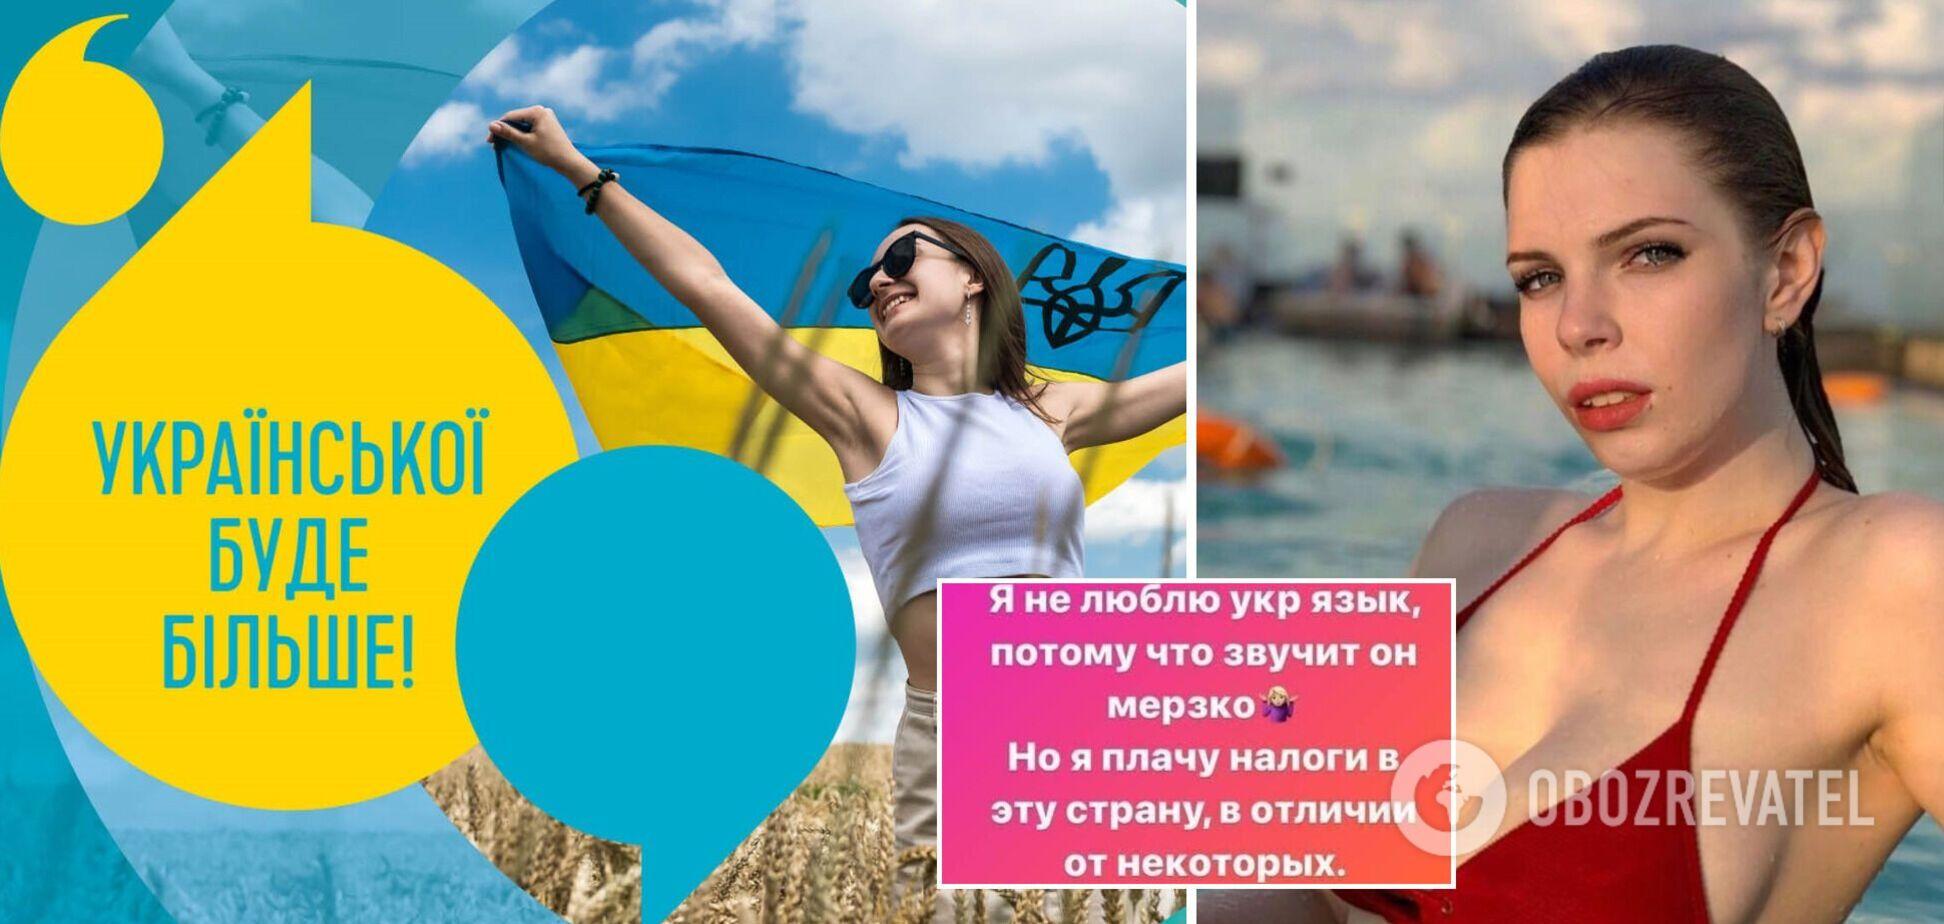 Скандал вокруг украинского языка